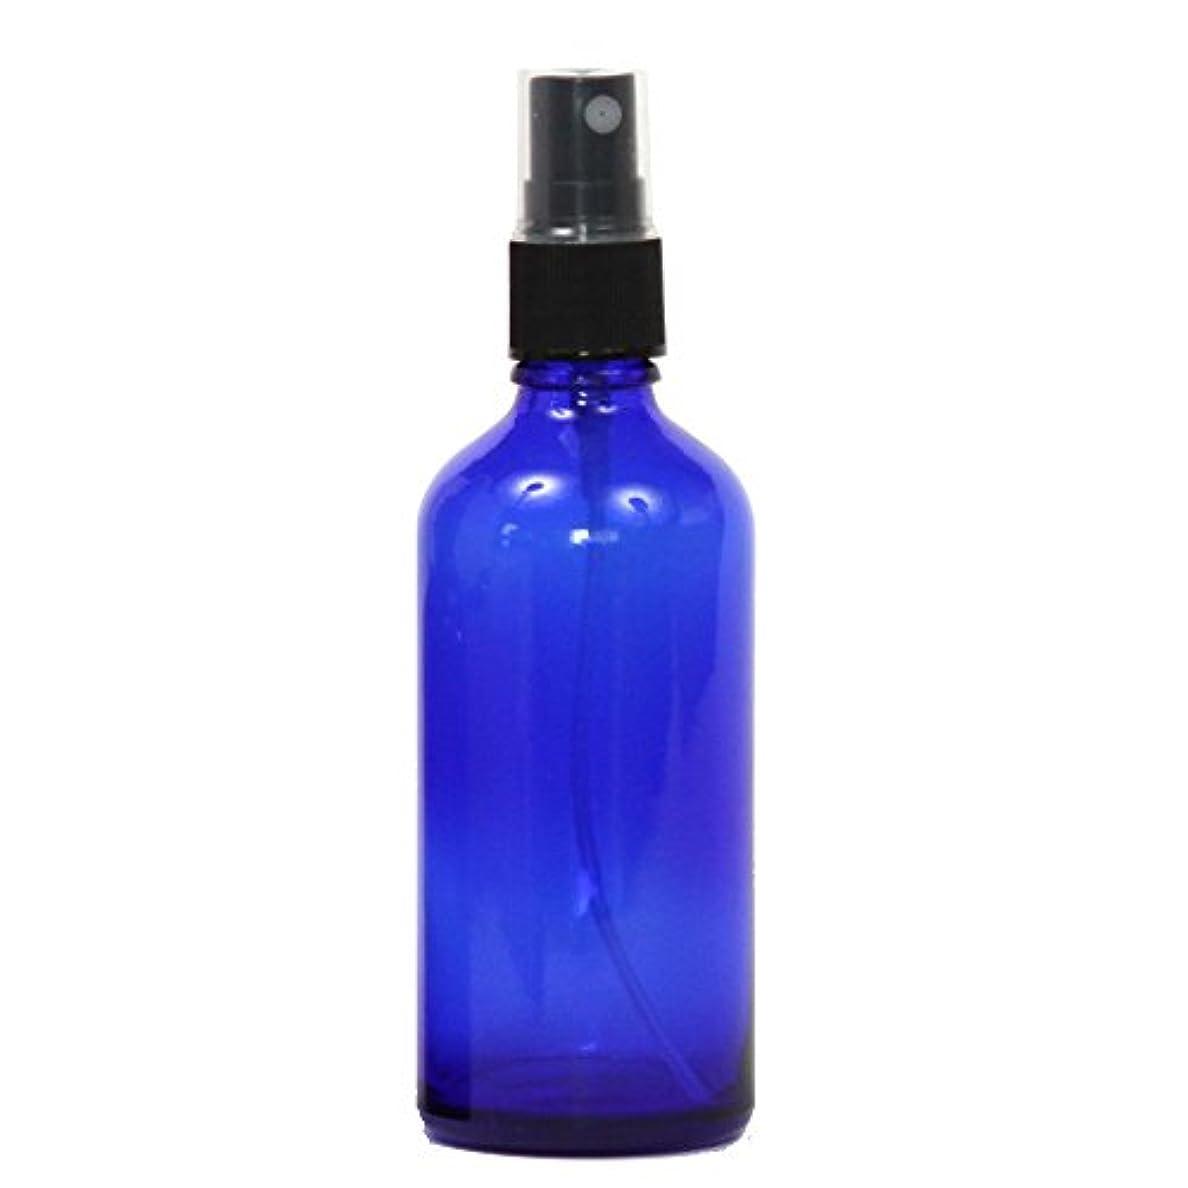 インターネット急ぐ乳スプレーボトル ガラス瓶 100mL 【コバルト 青色】 遮光性 ブルーガラスアトマイザー 空容器bu100g